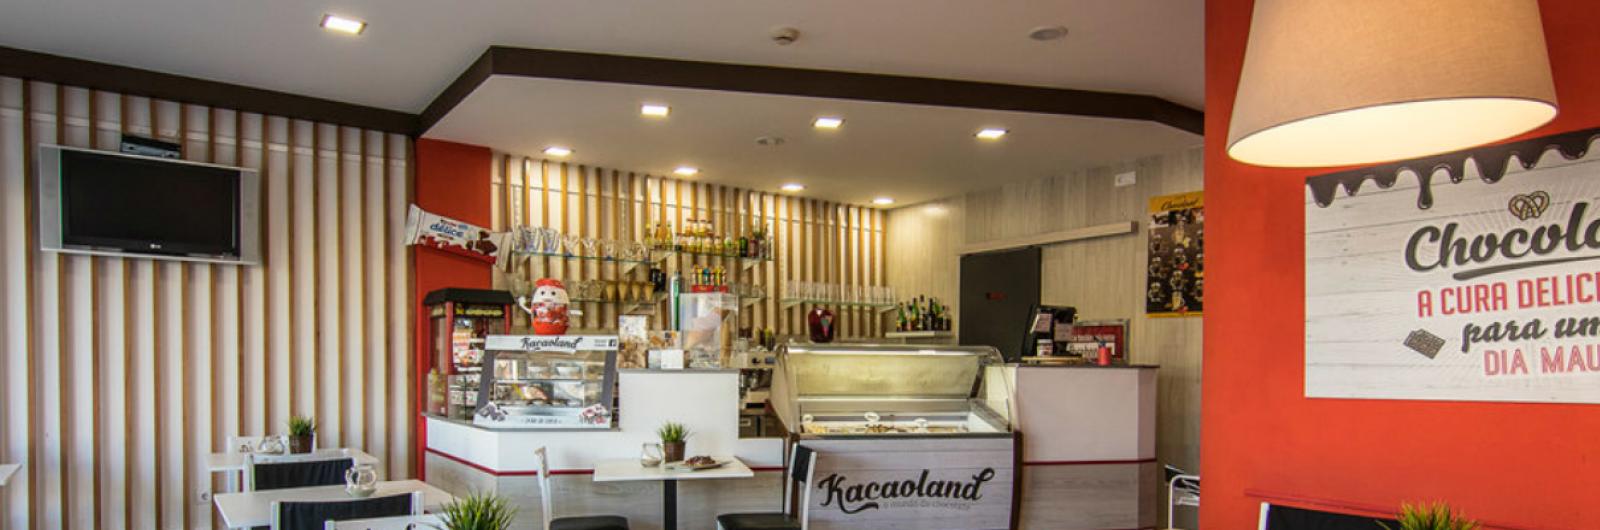 Marca Kacaoland vai expandir em franchising